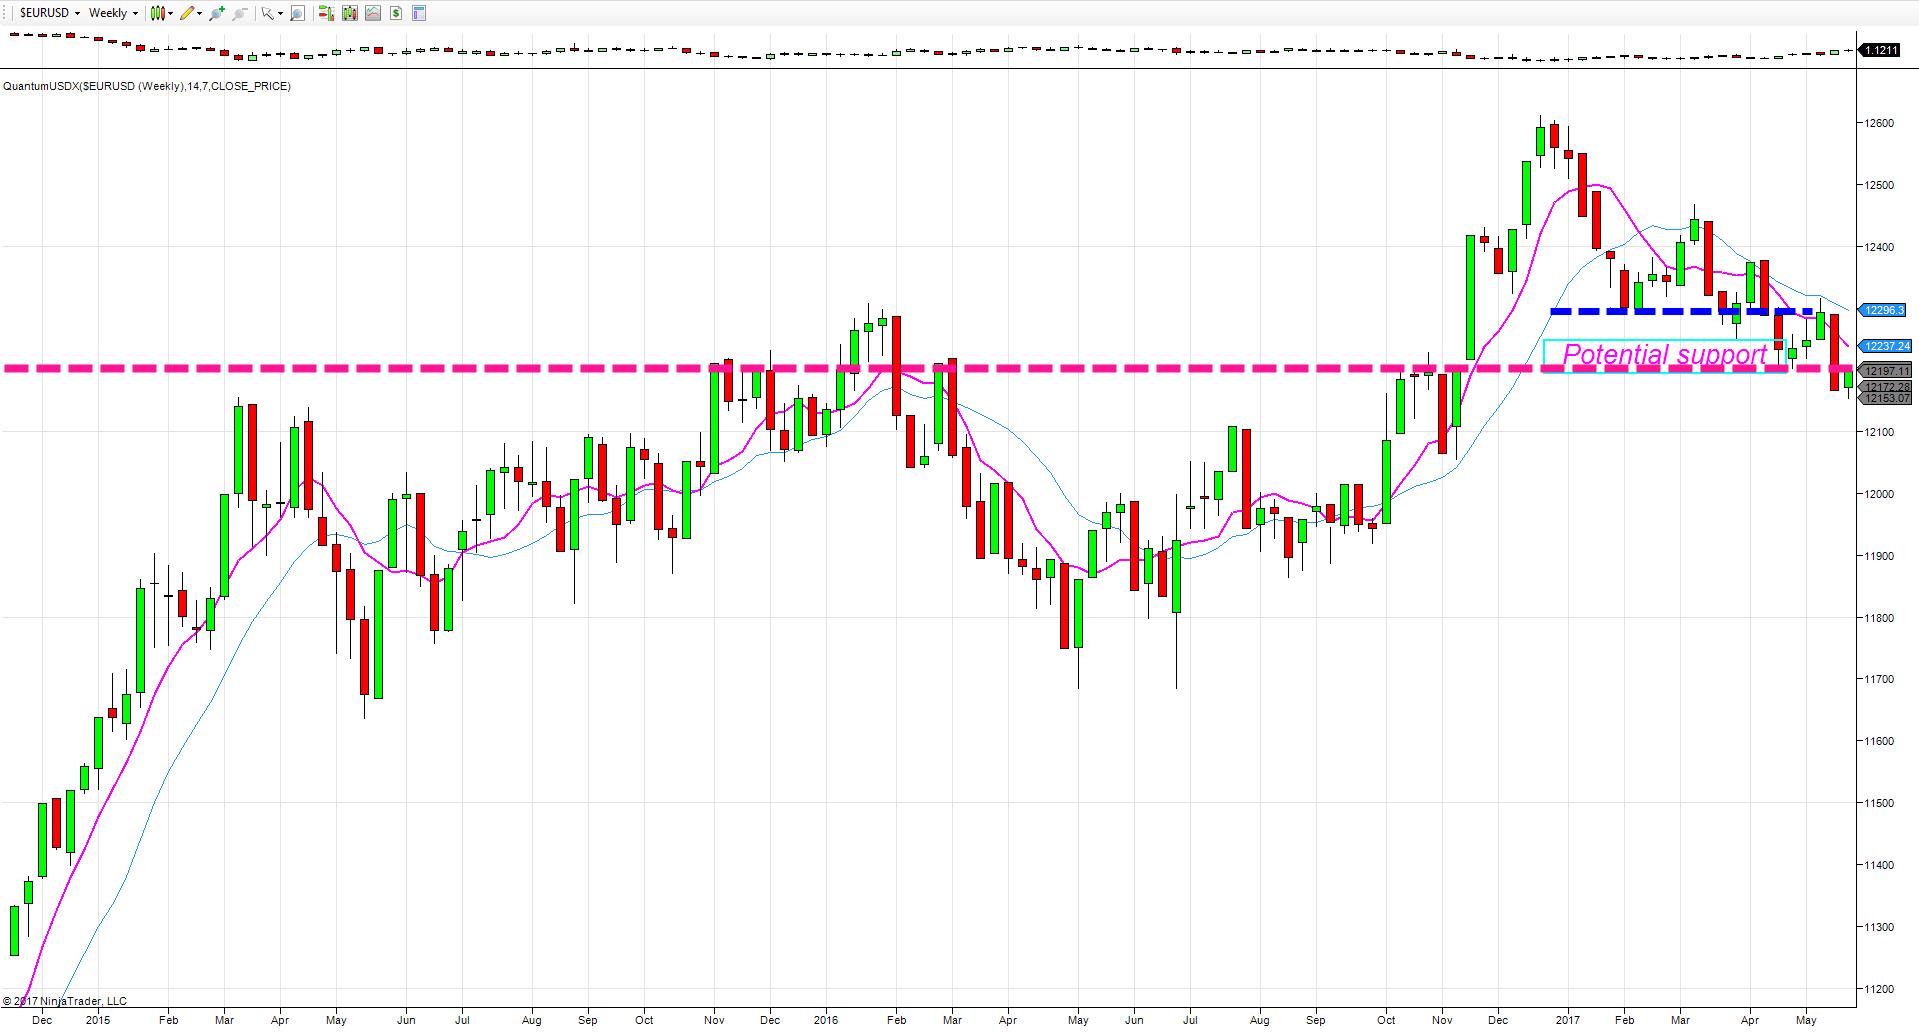 USDX weekly chart